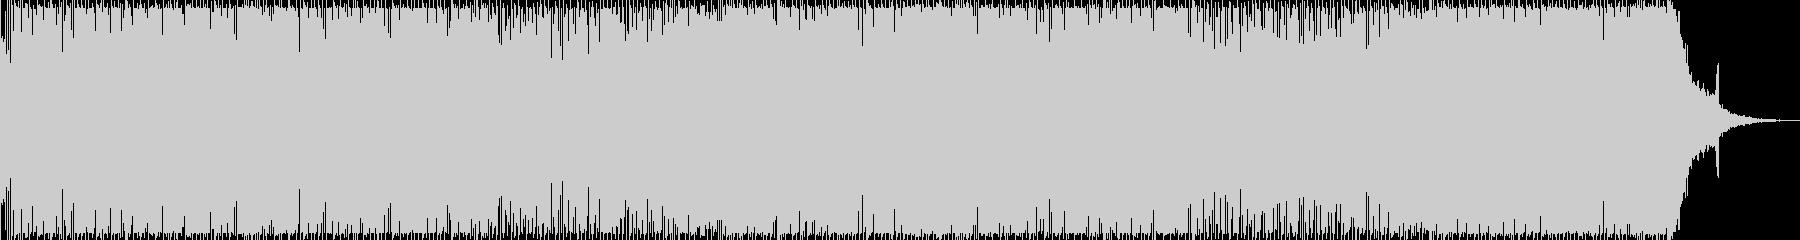 かわいいノリの良いEDM ロング・メロ無の未再生の波形